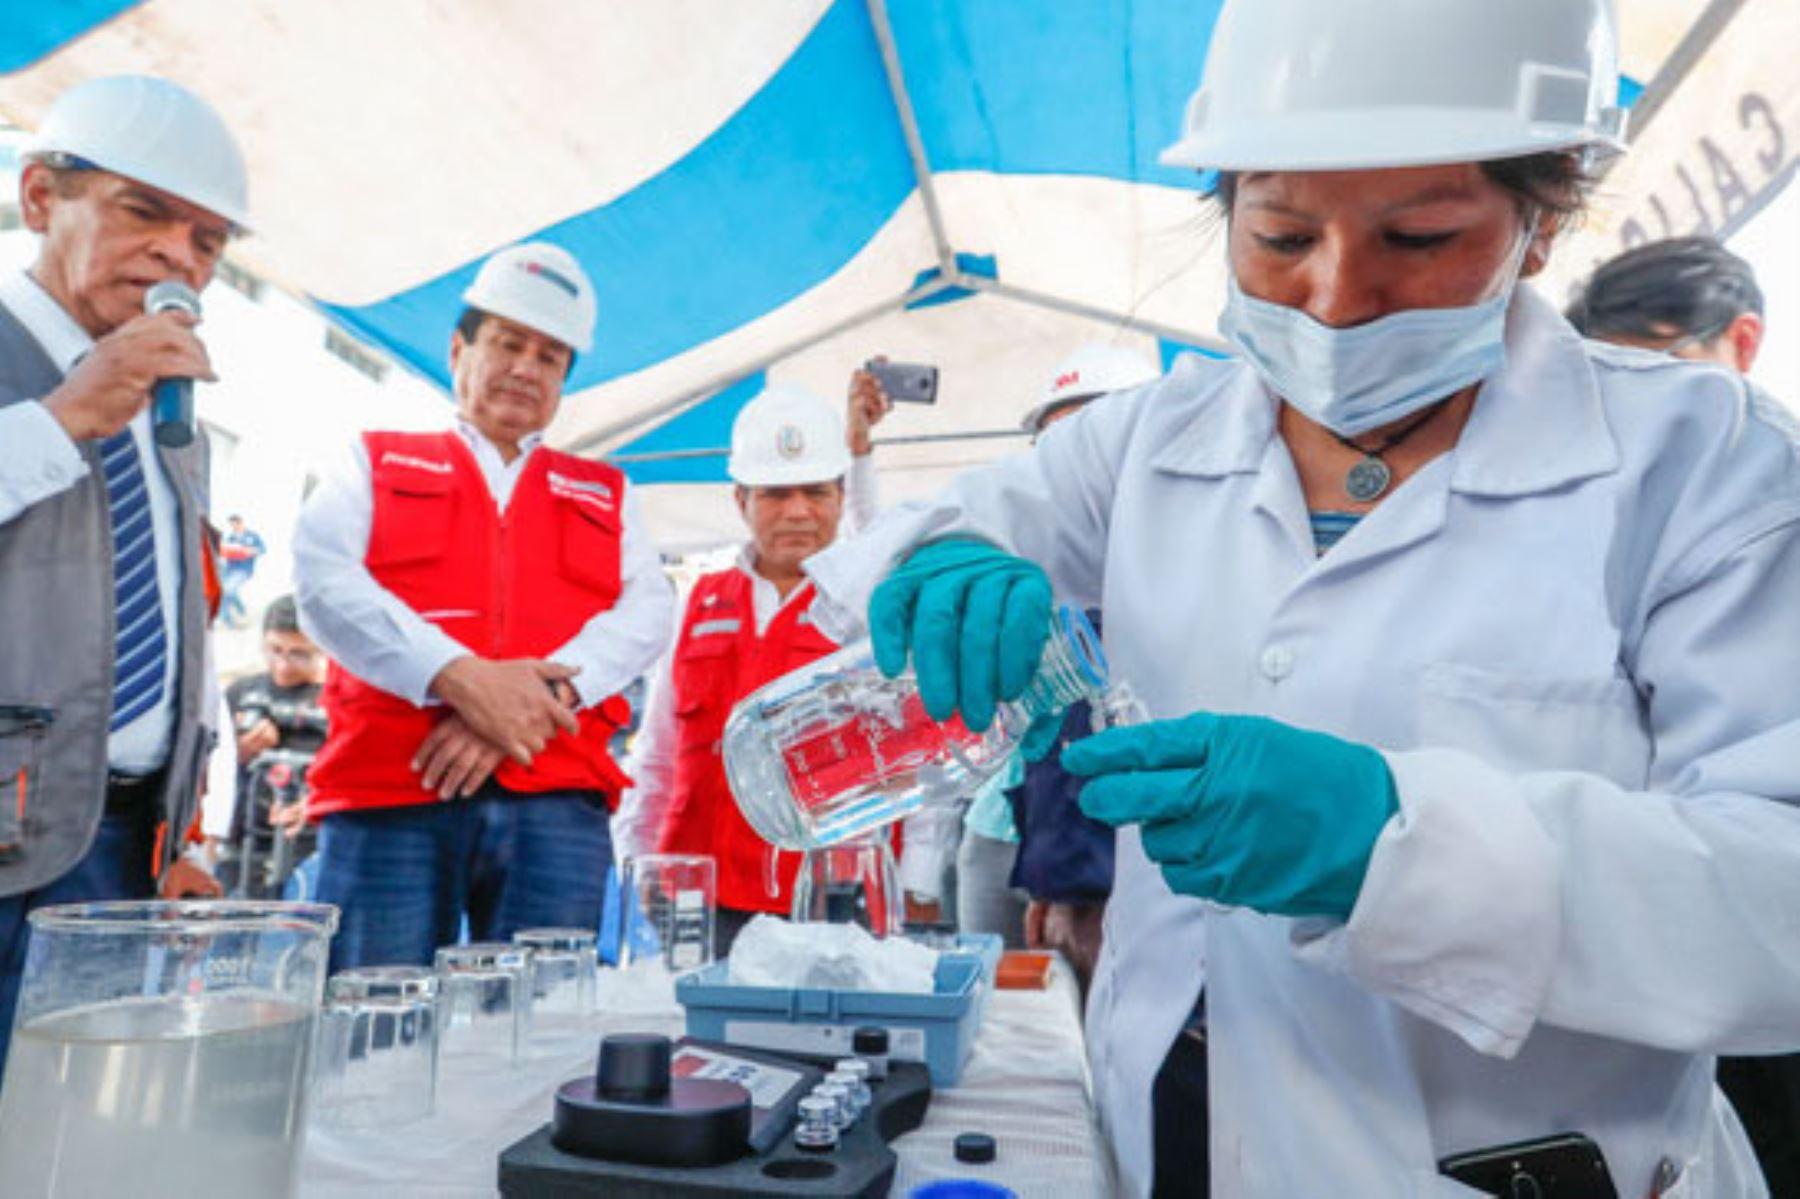 Con la participación de la cooperación suiza y alemana, el Ministerio de Vivienda, Construcción y Saneamiento hará un monitoreo epidemiológico de la concentración del covid-19 en las aguas residuales de Lima y Chiclayo. Foto: ANDINA/MVCS